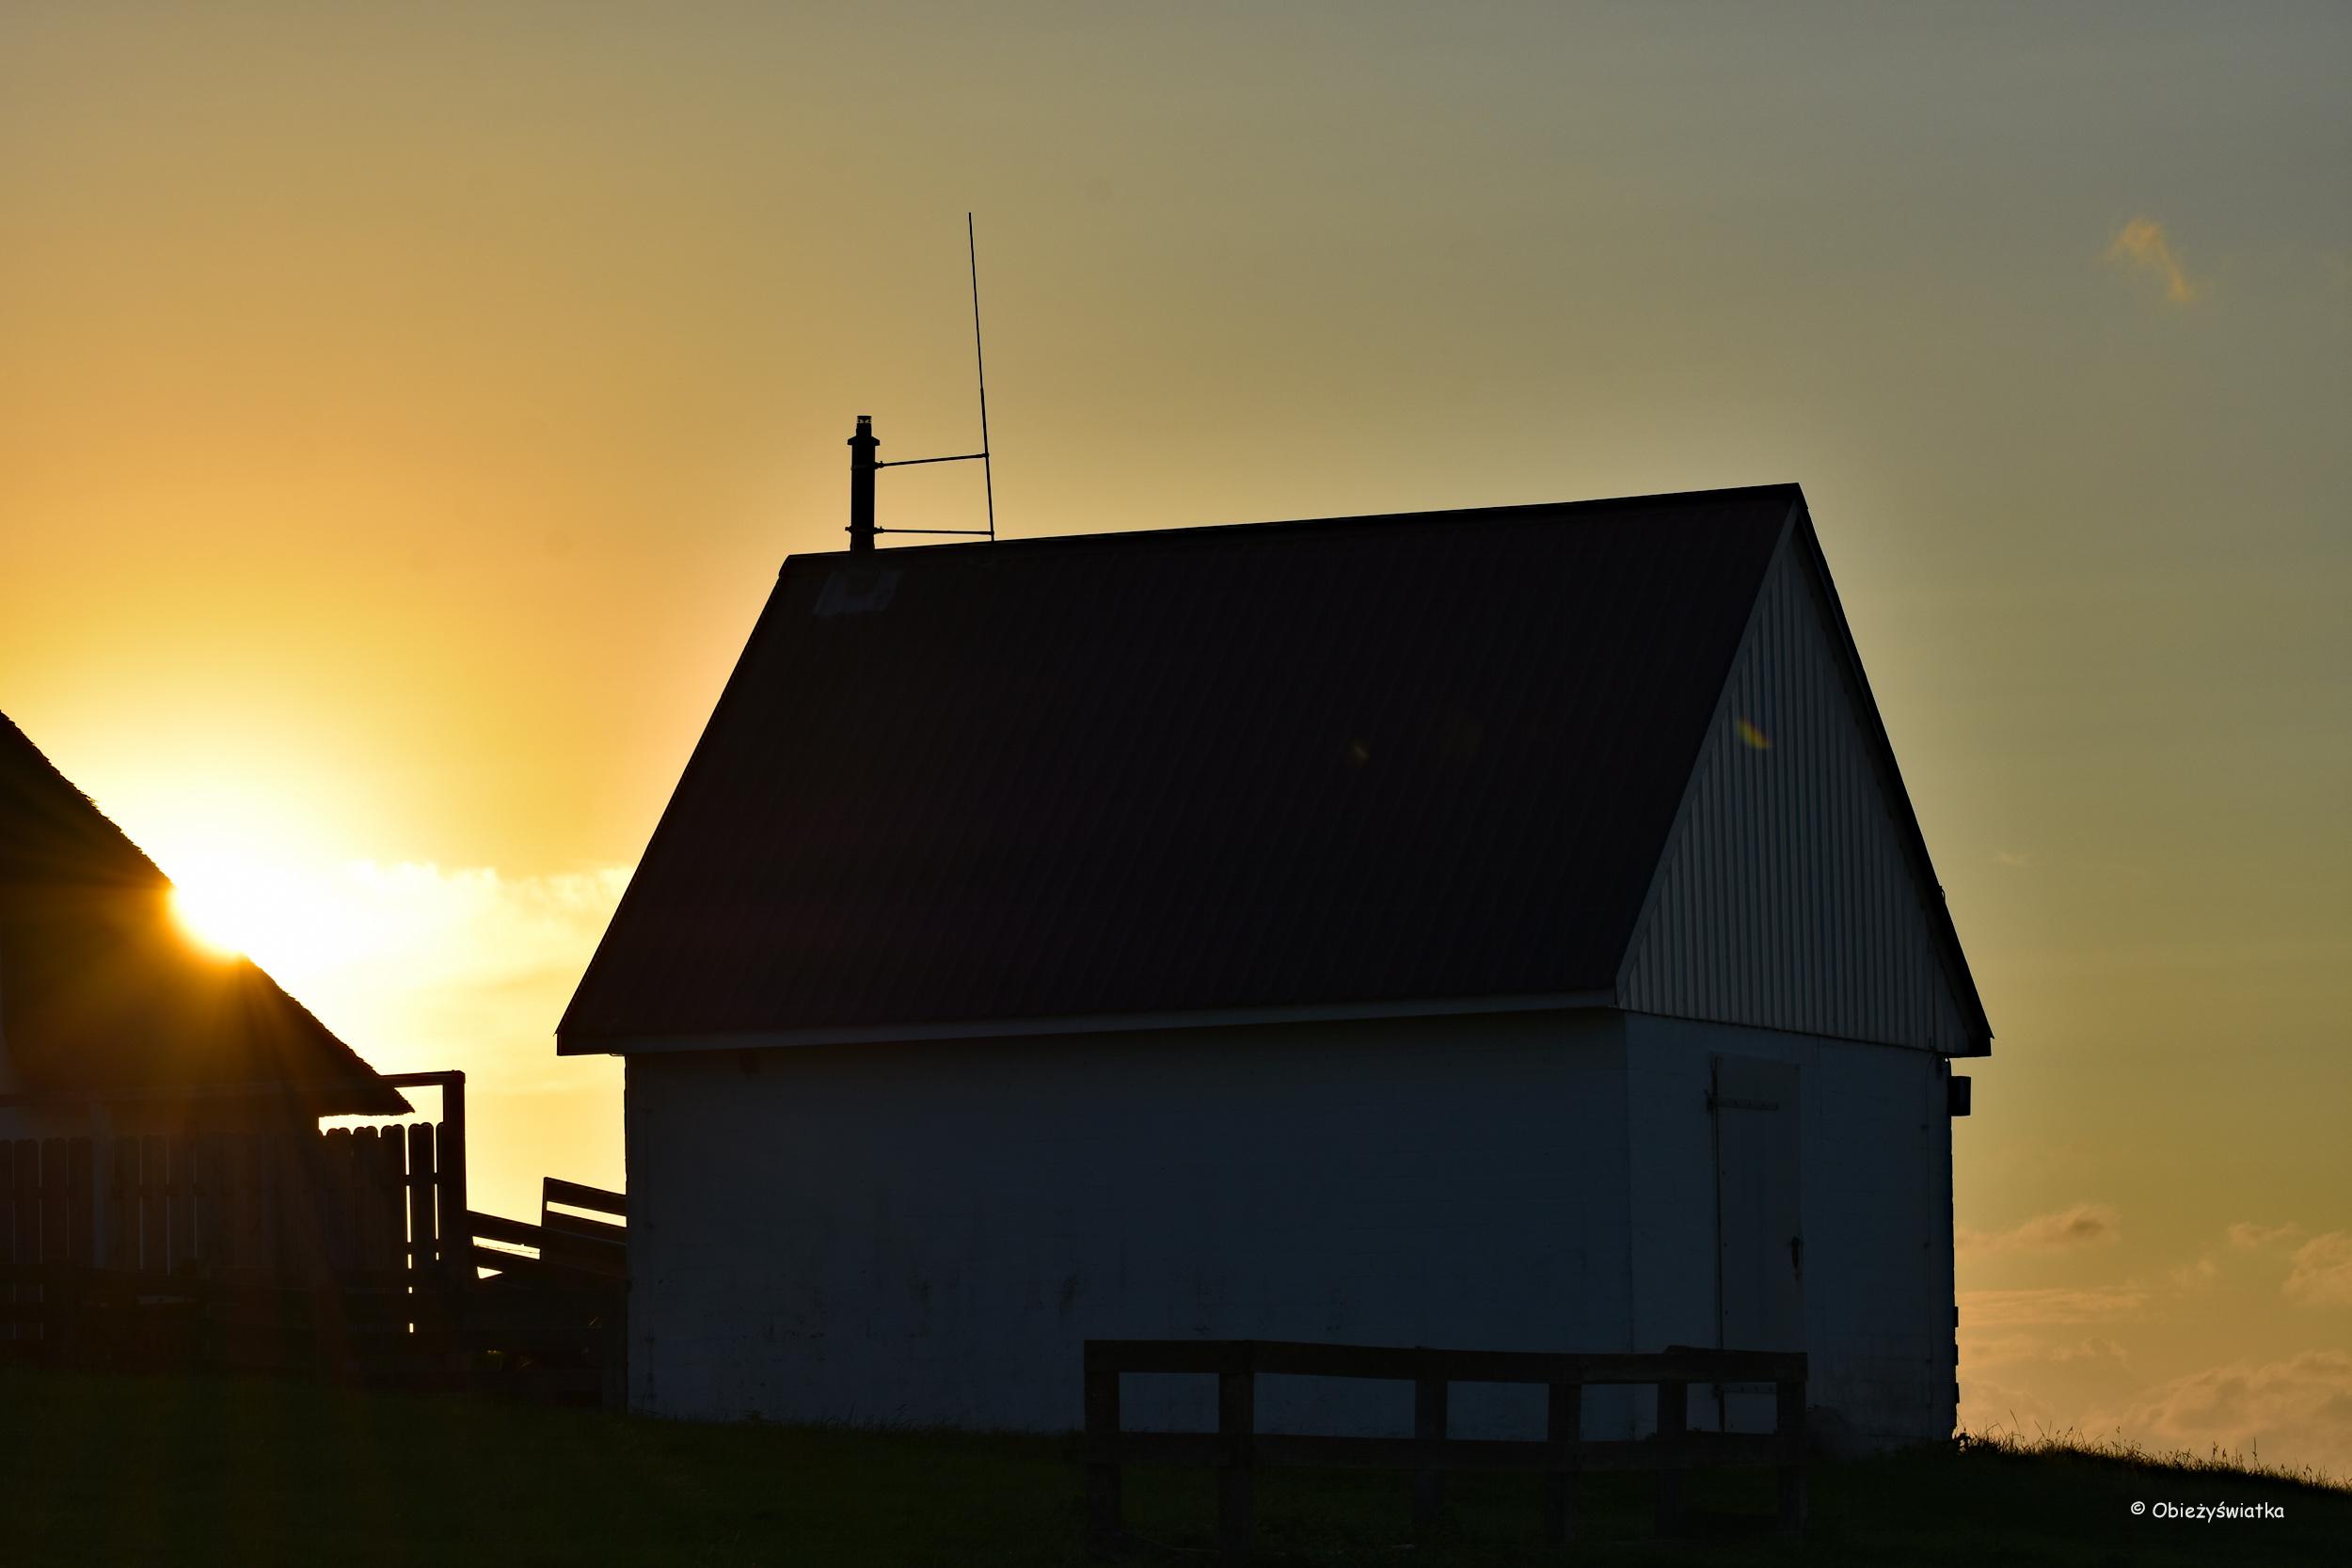 Chata w ostatnich promieniach słońca - Hamburger Hallig